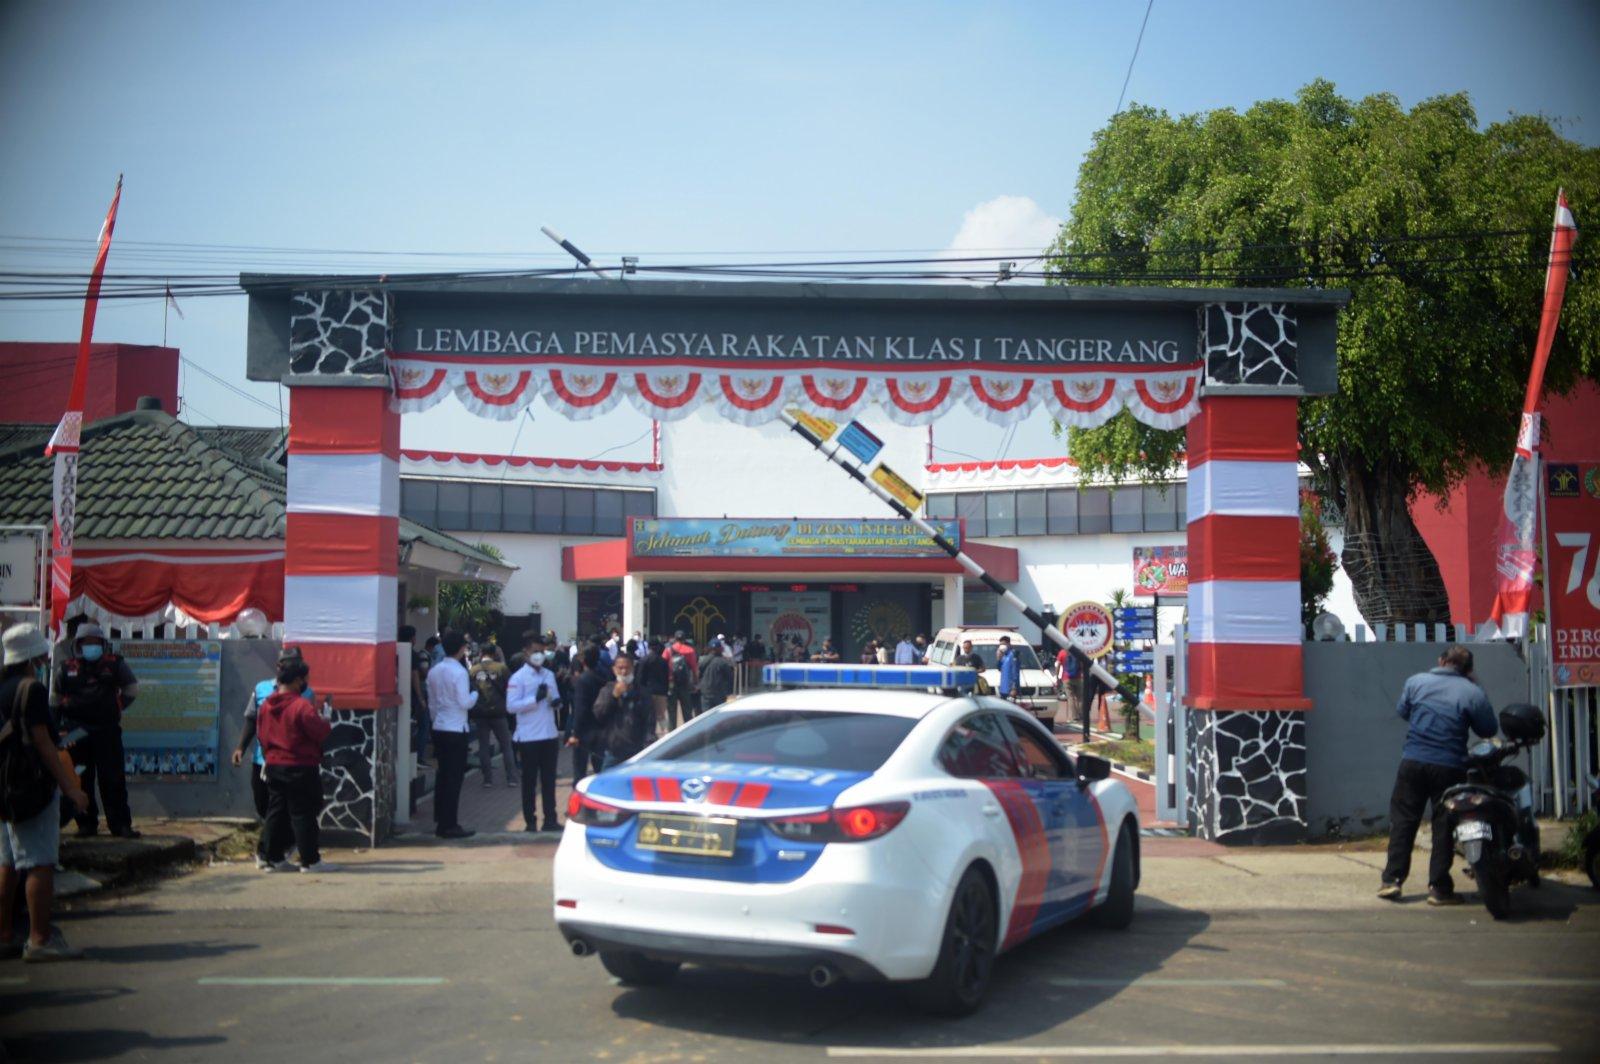 9月8日,一輛警車駛入印度尼西亞唐格朗一座監獄的大門。(新華社)